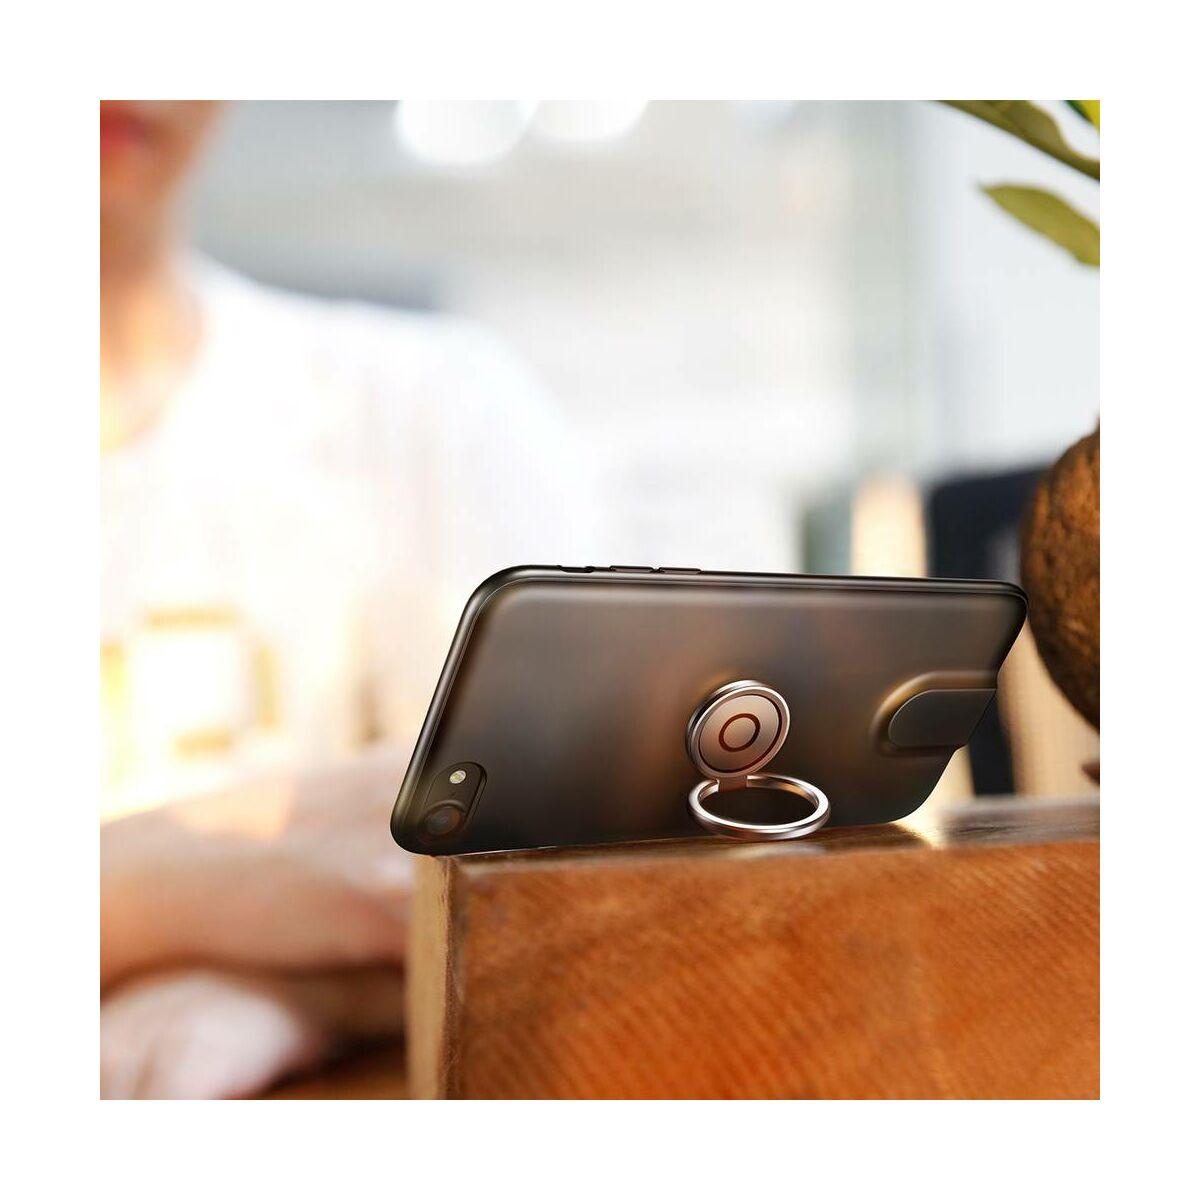 Baseus iPhone 8/7 tok, Mágneses, multifunkcionális, vezeték nélküli töltés támogatással, fekete (WXAPIPH8N-01)